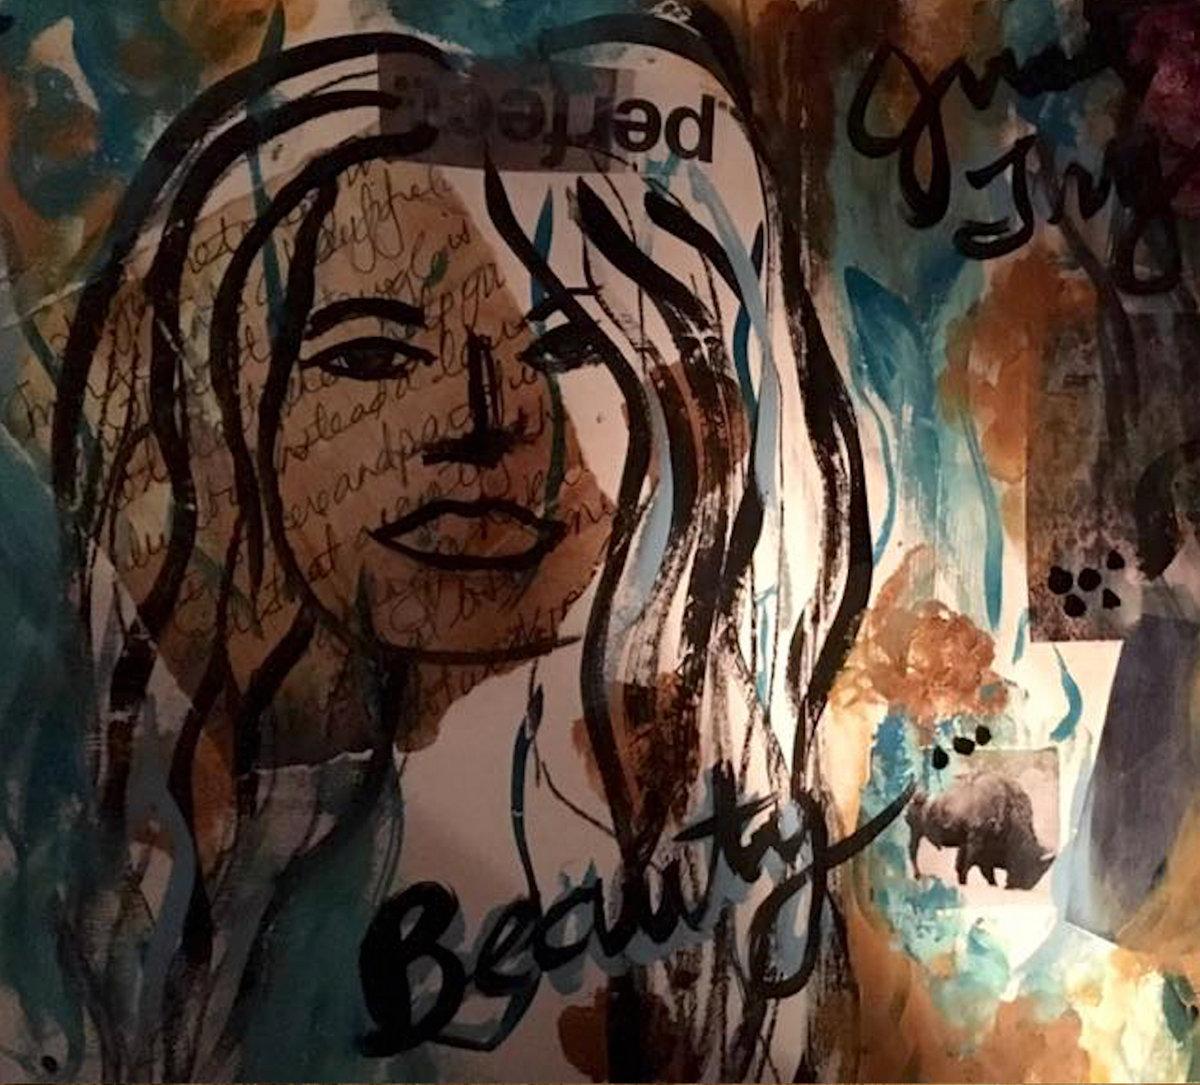 Beauty (Instrumental) by Doug Elkins